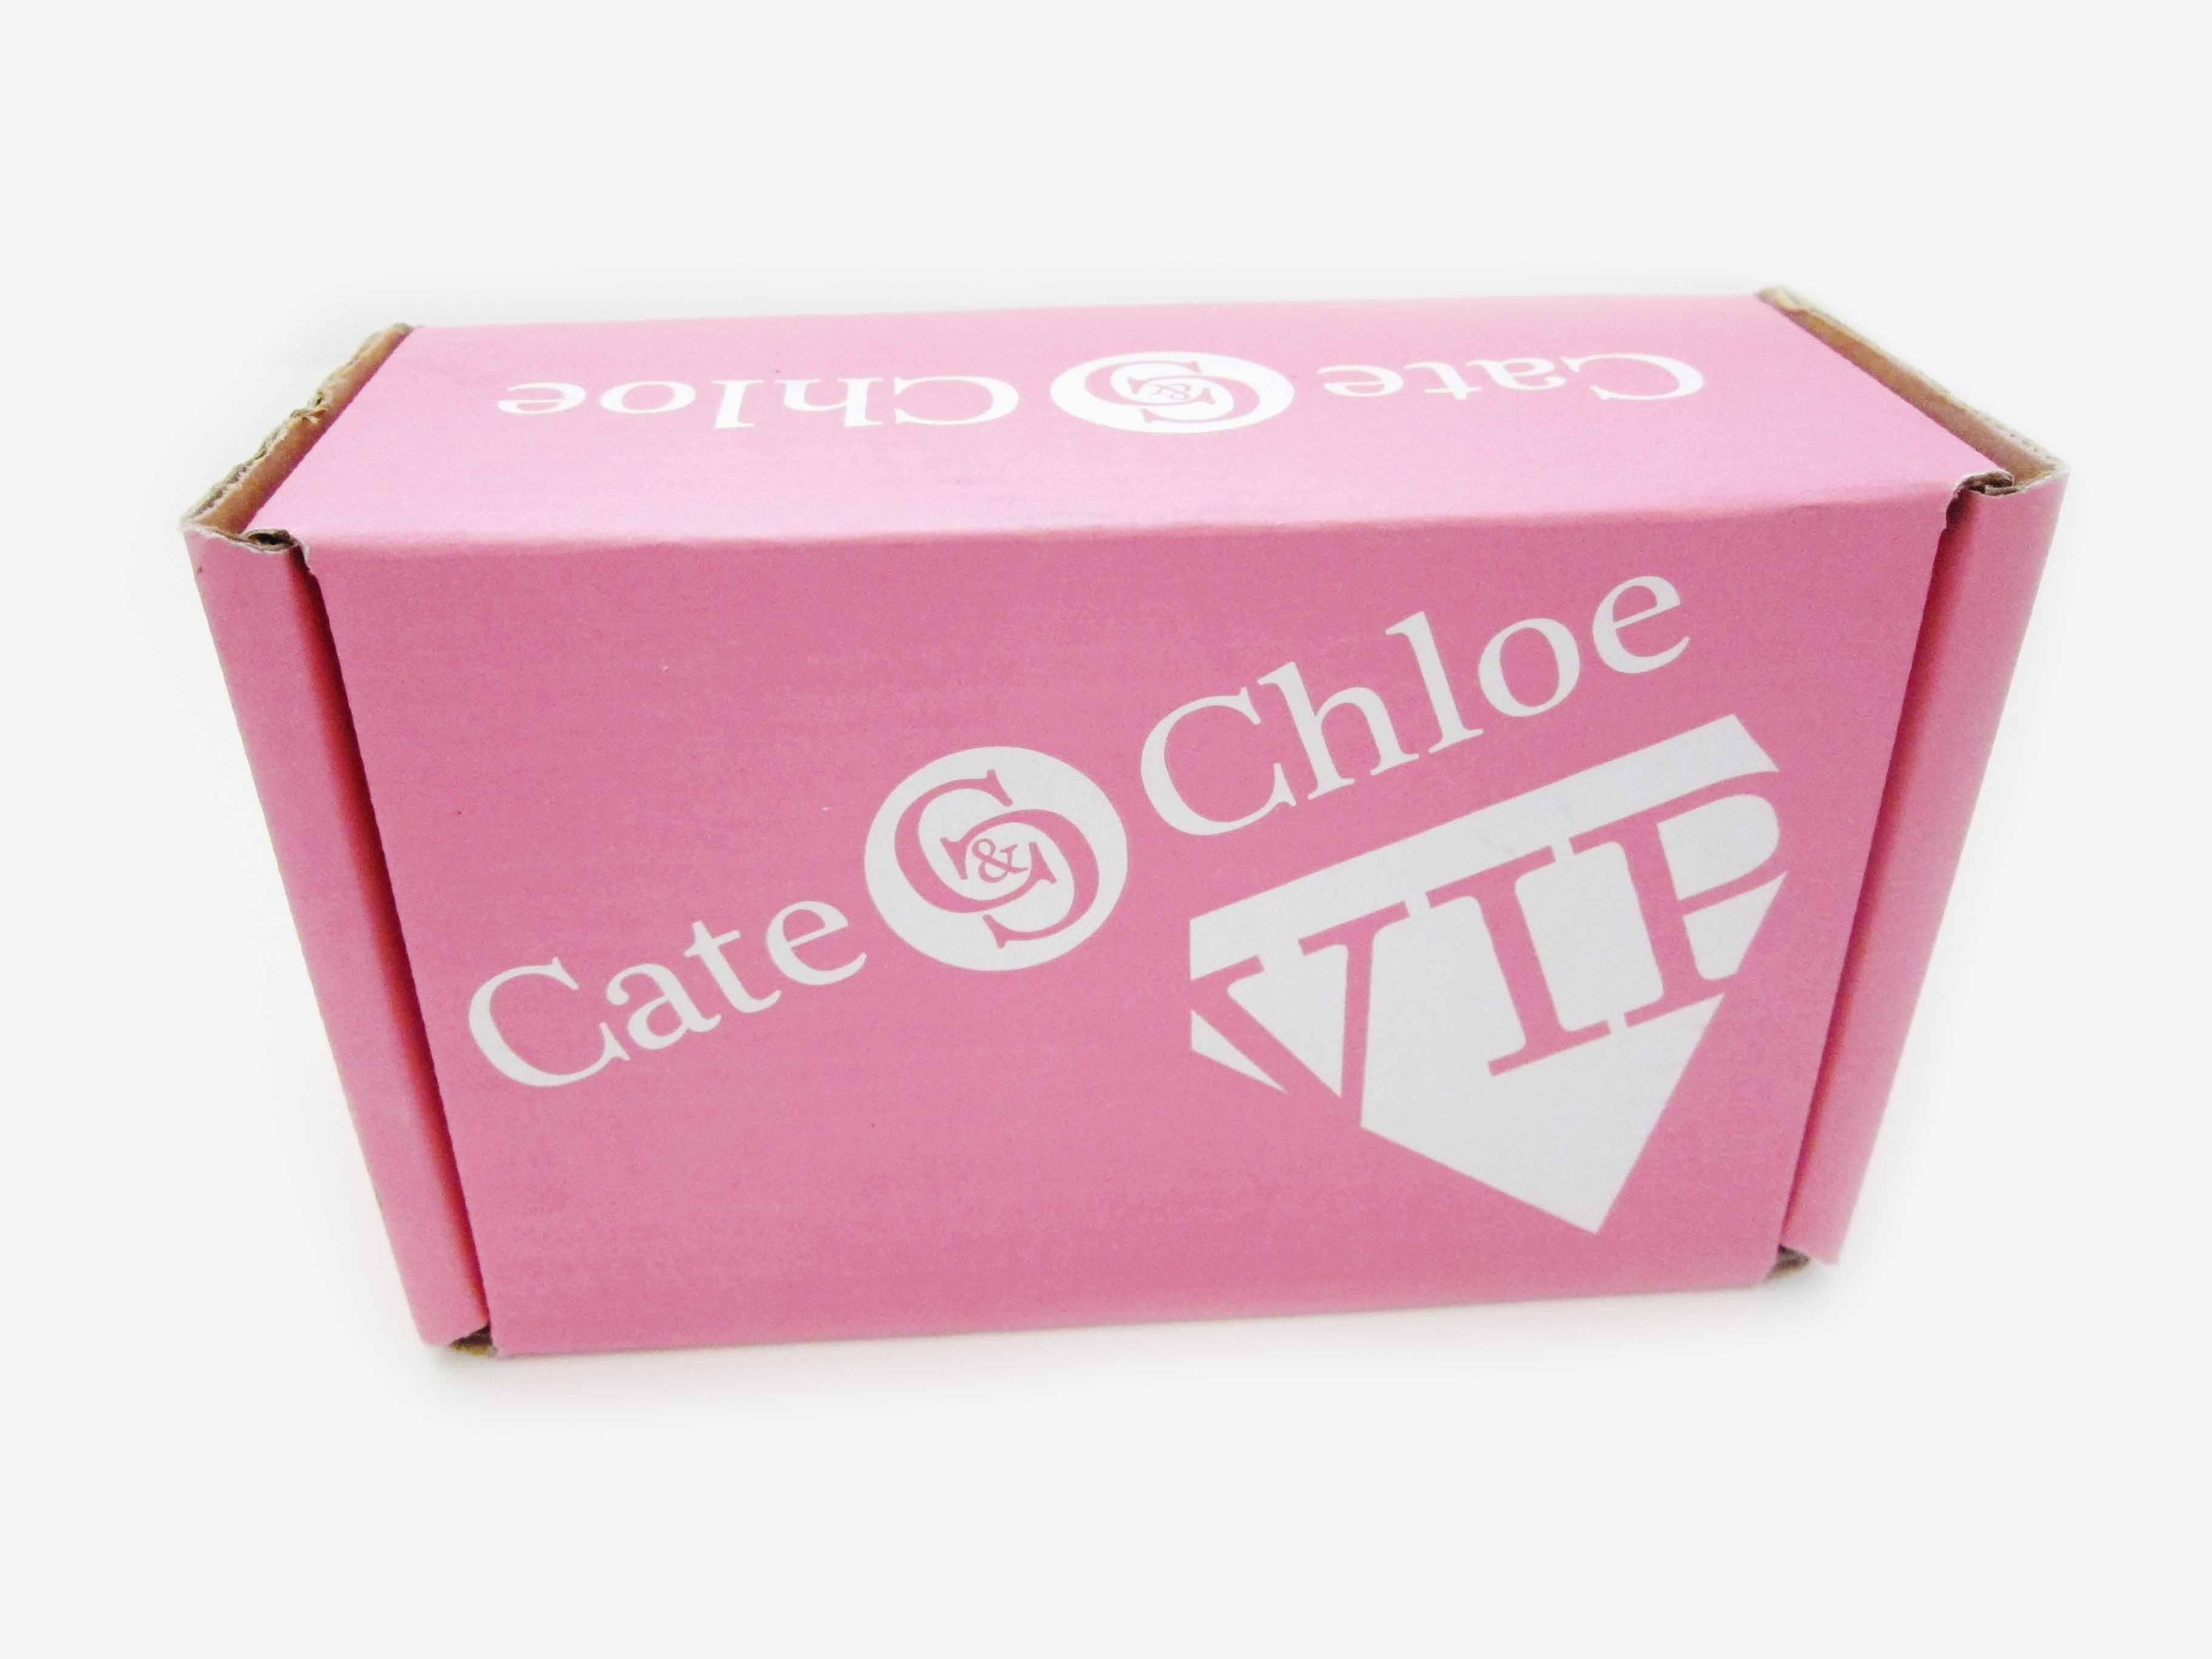 Cate & Chloe July 2016 Box